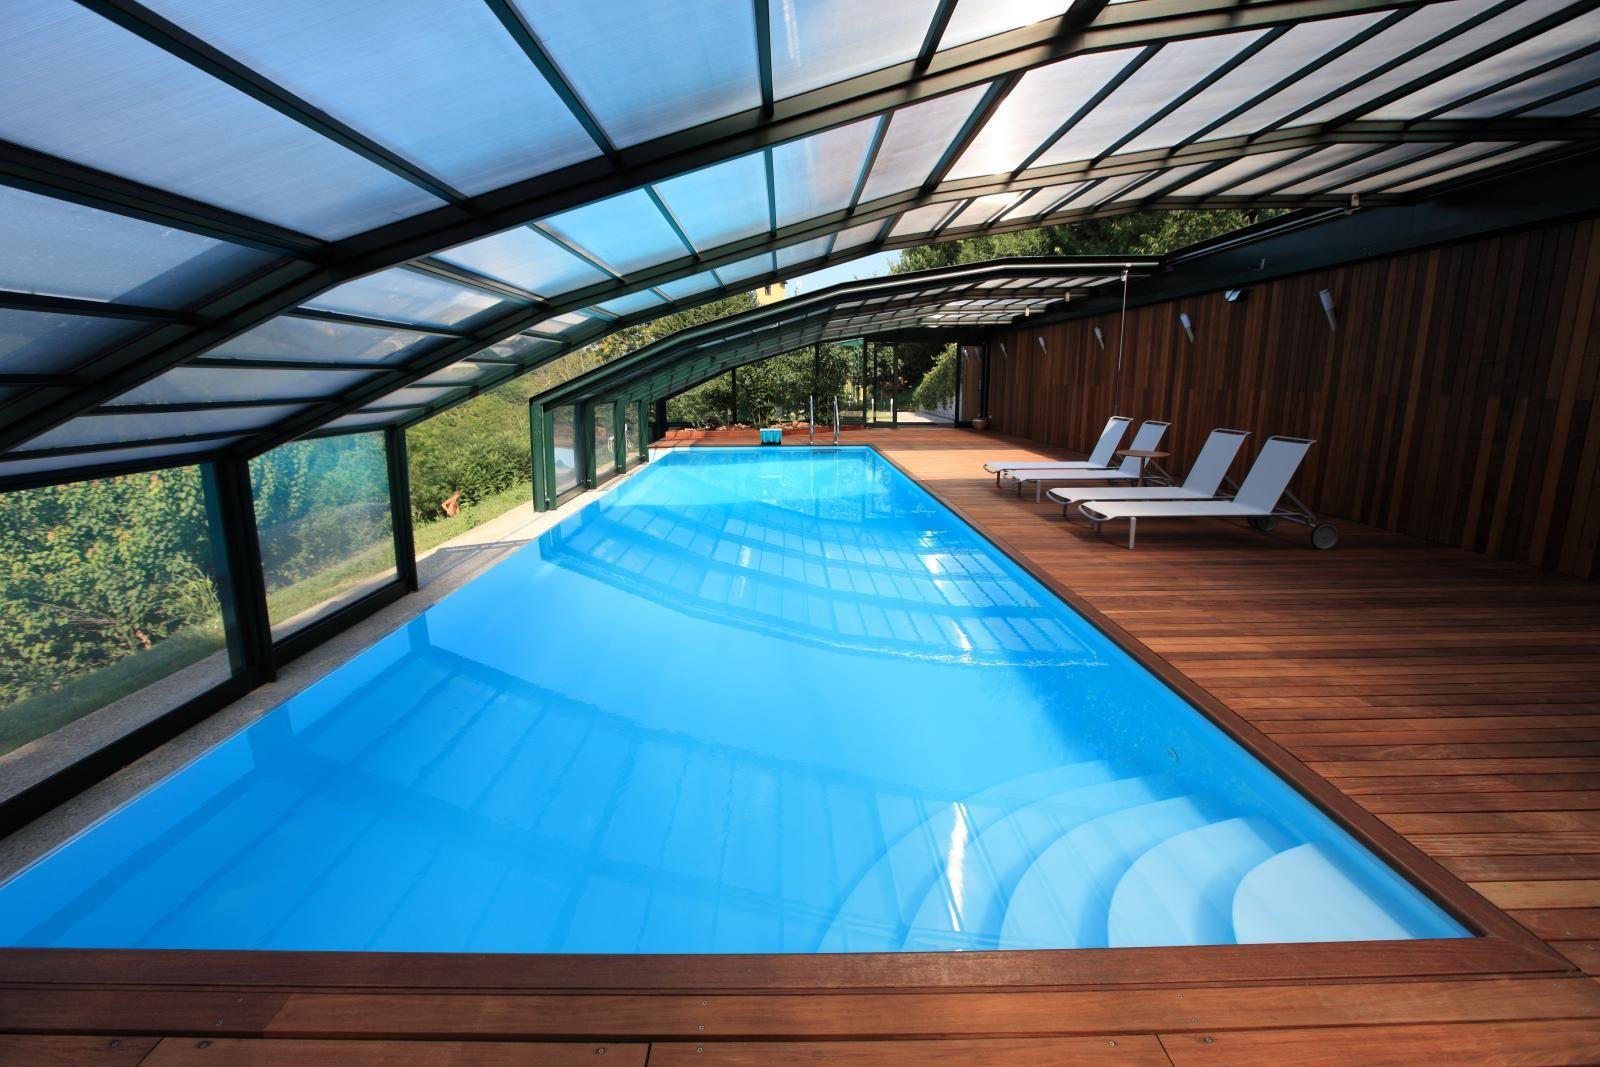 Risultati immagini per piscine interne per riabilitazione - Sognare piscine ...